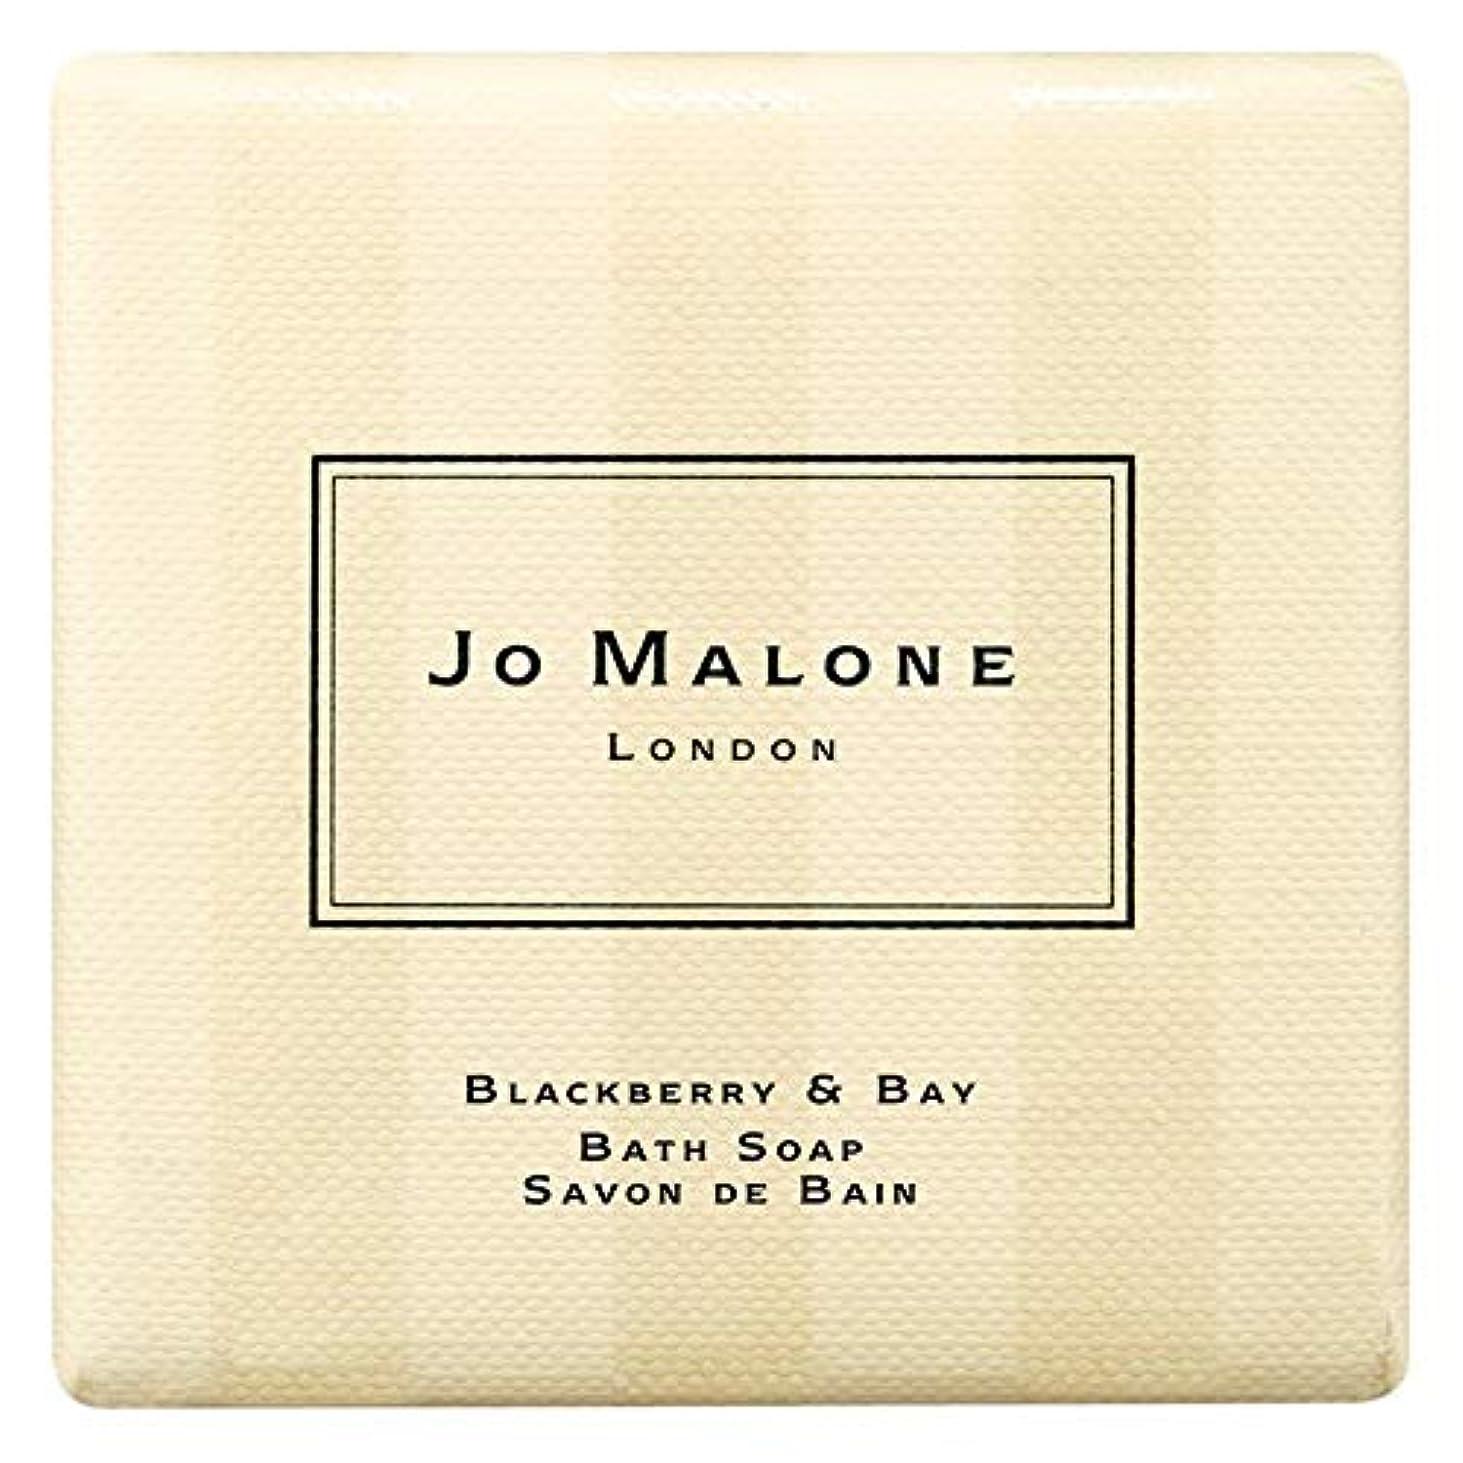 乱れ付添人タイトル[Jo Malone] ジョーマローンロンドンブラックベリー&ベイ入浴石鹸100グラム - Jo Malone London Blackberry & Bay Bath Soap 100g [並行輸入品]